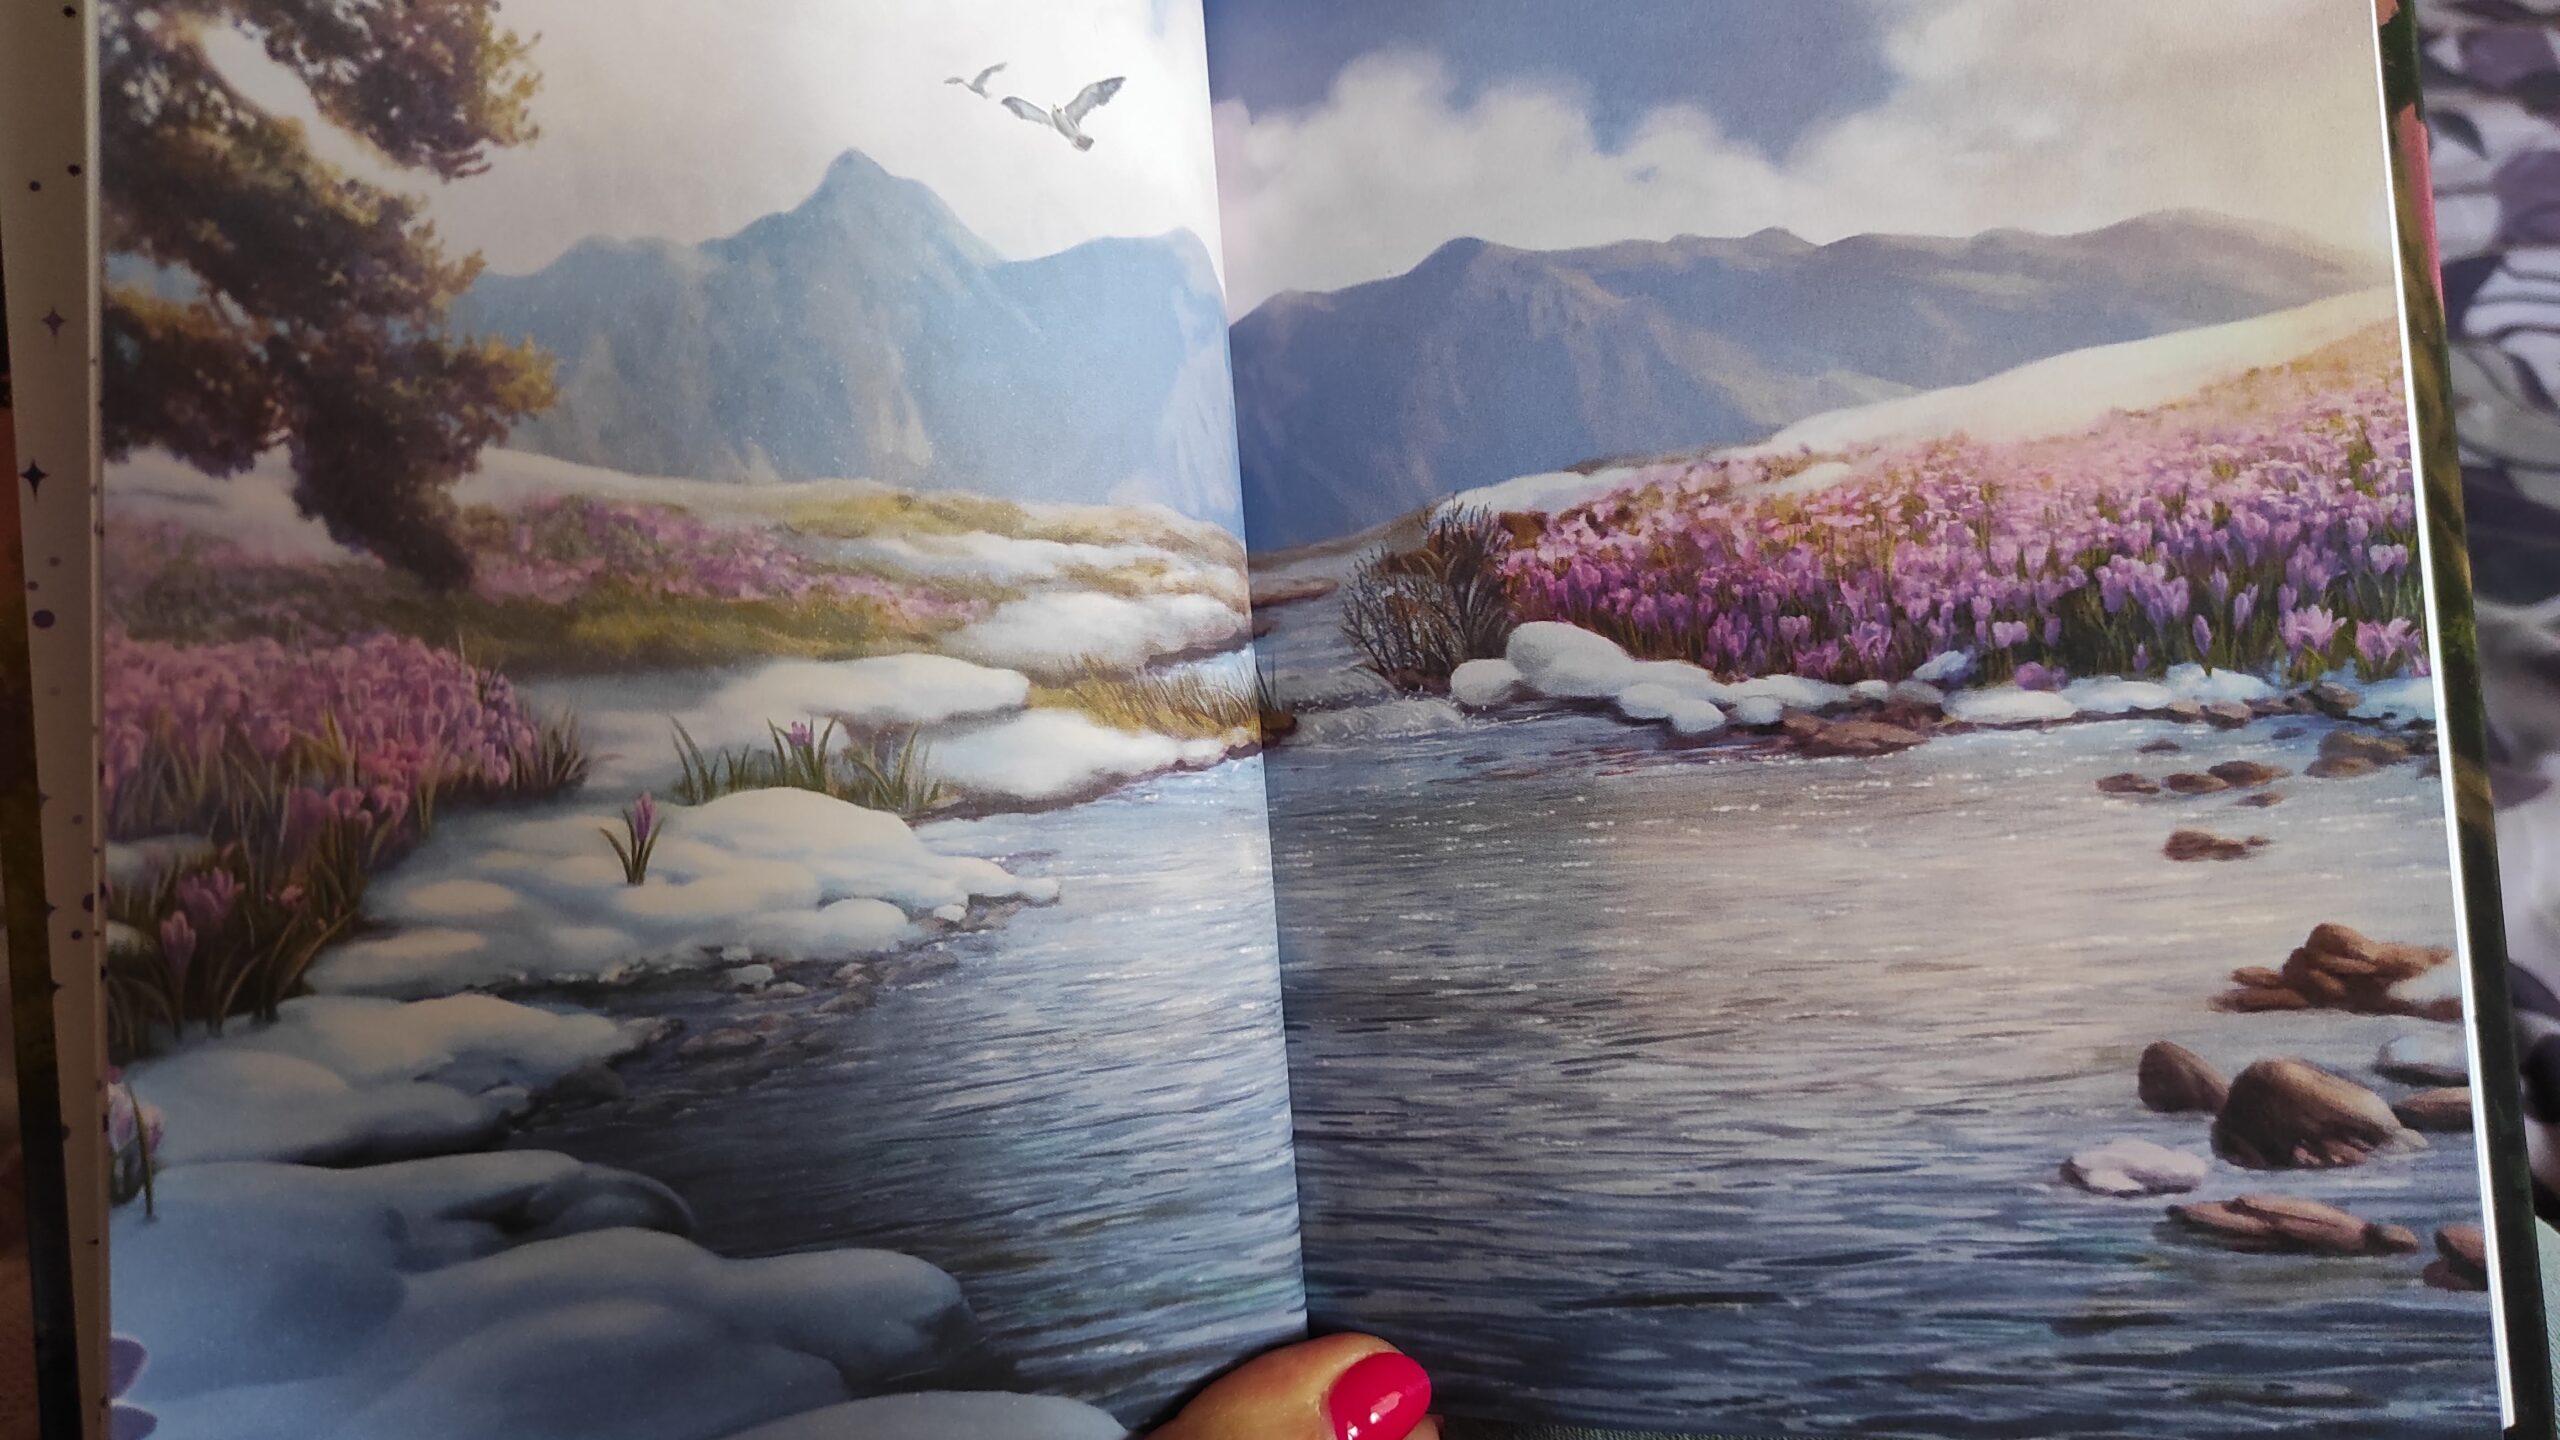 Opowieści z Jorvik